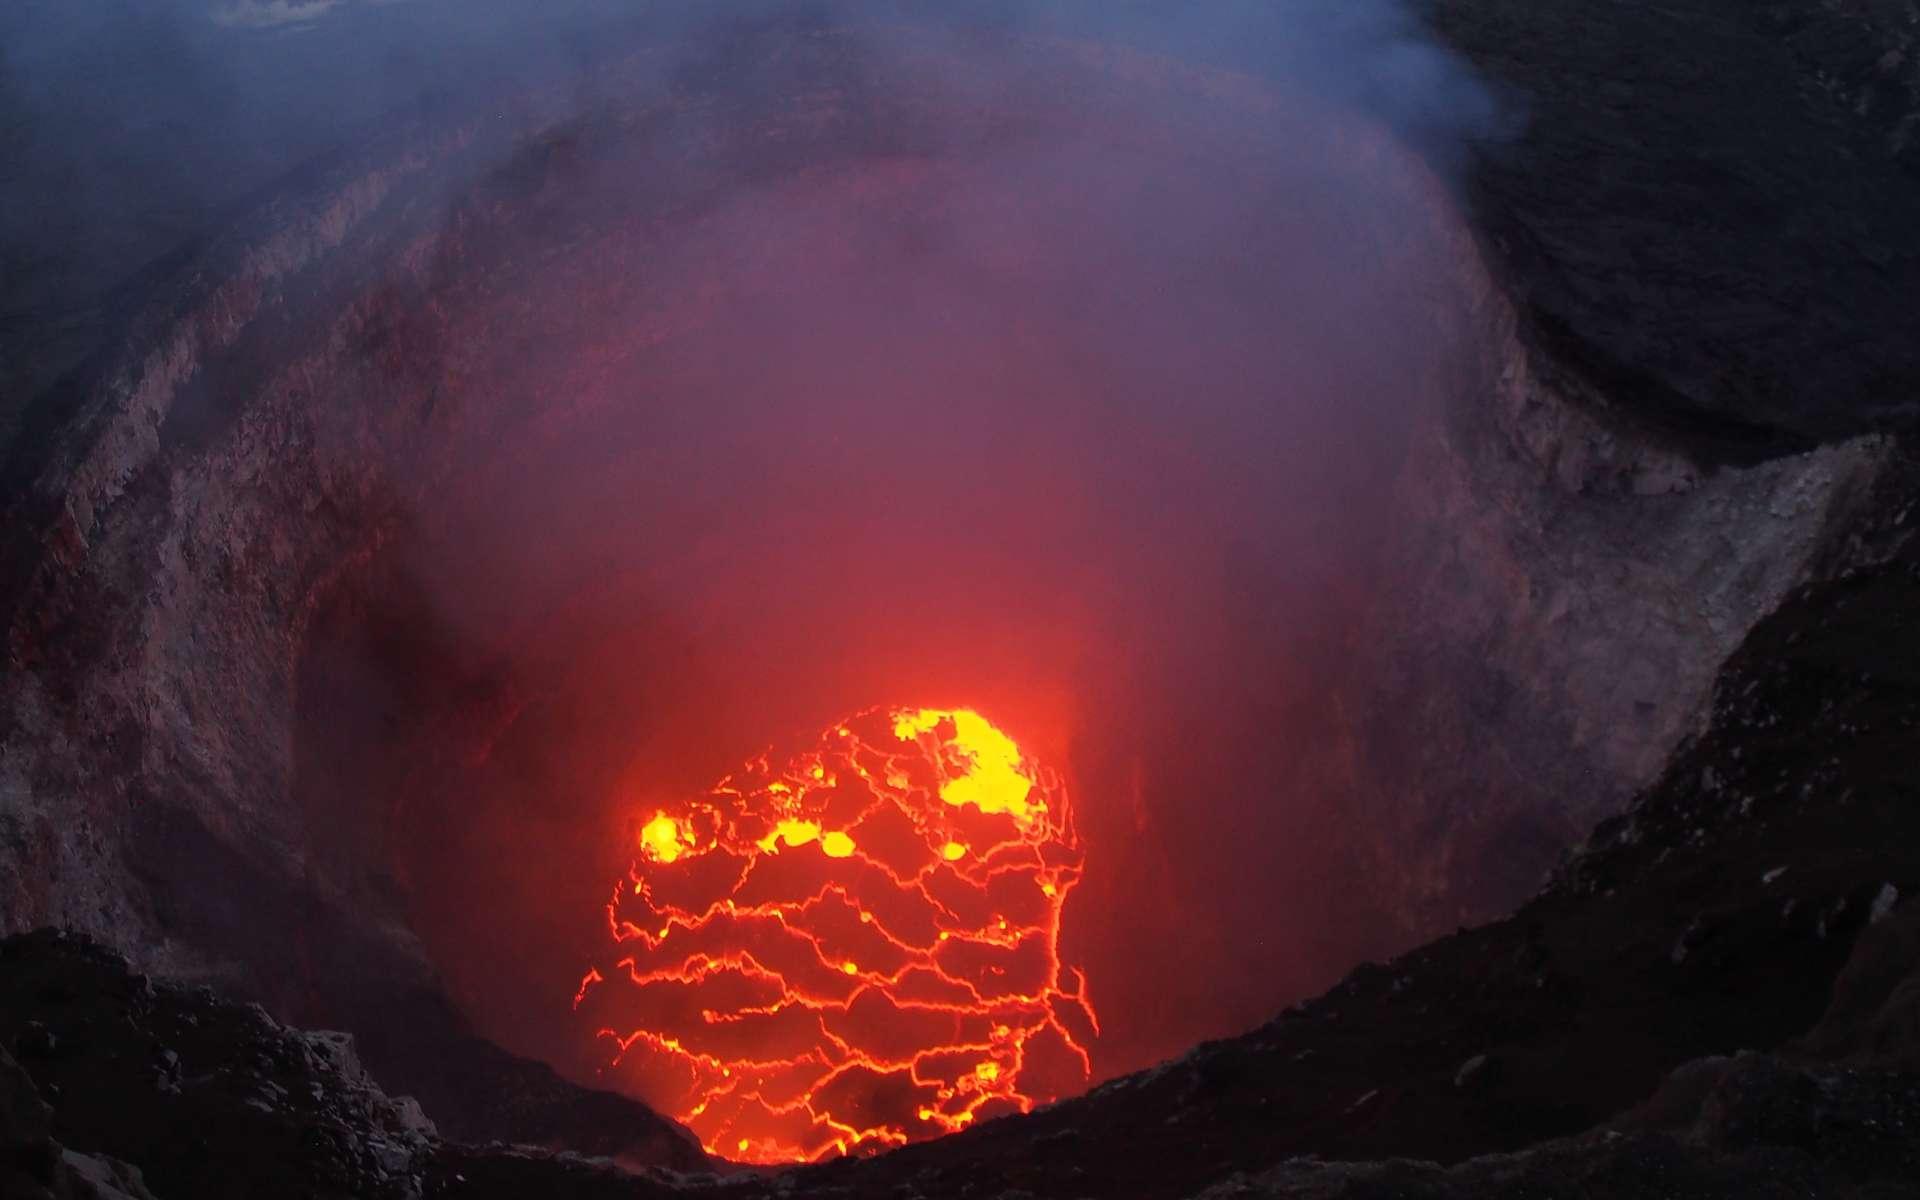 Le lac de lave dans le cratère Overlook du Kilauea, le volcan le plus actif du monde. © USGS